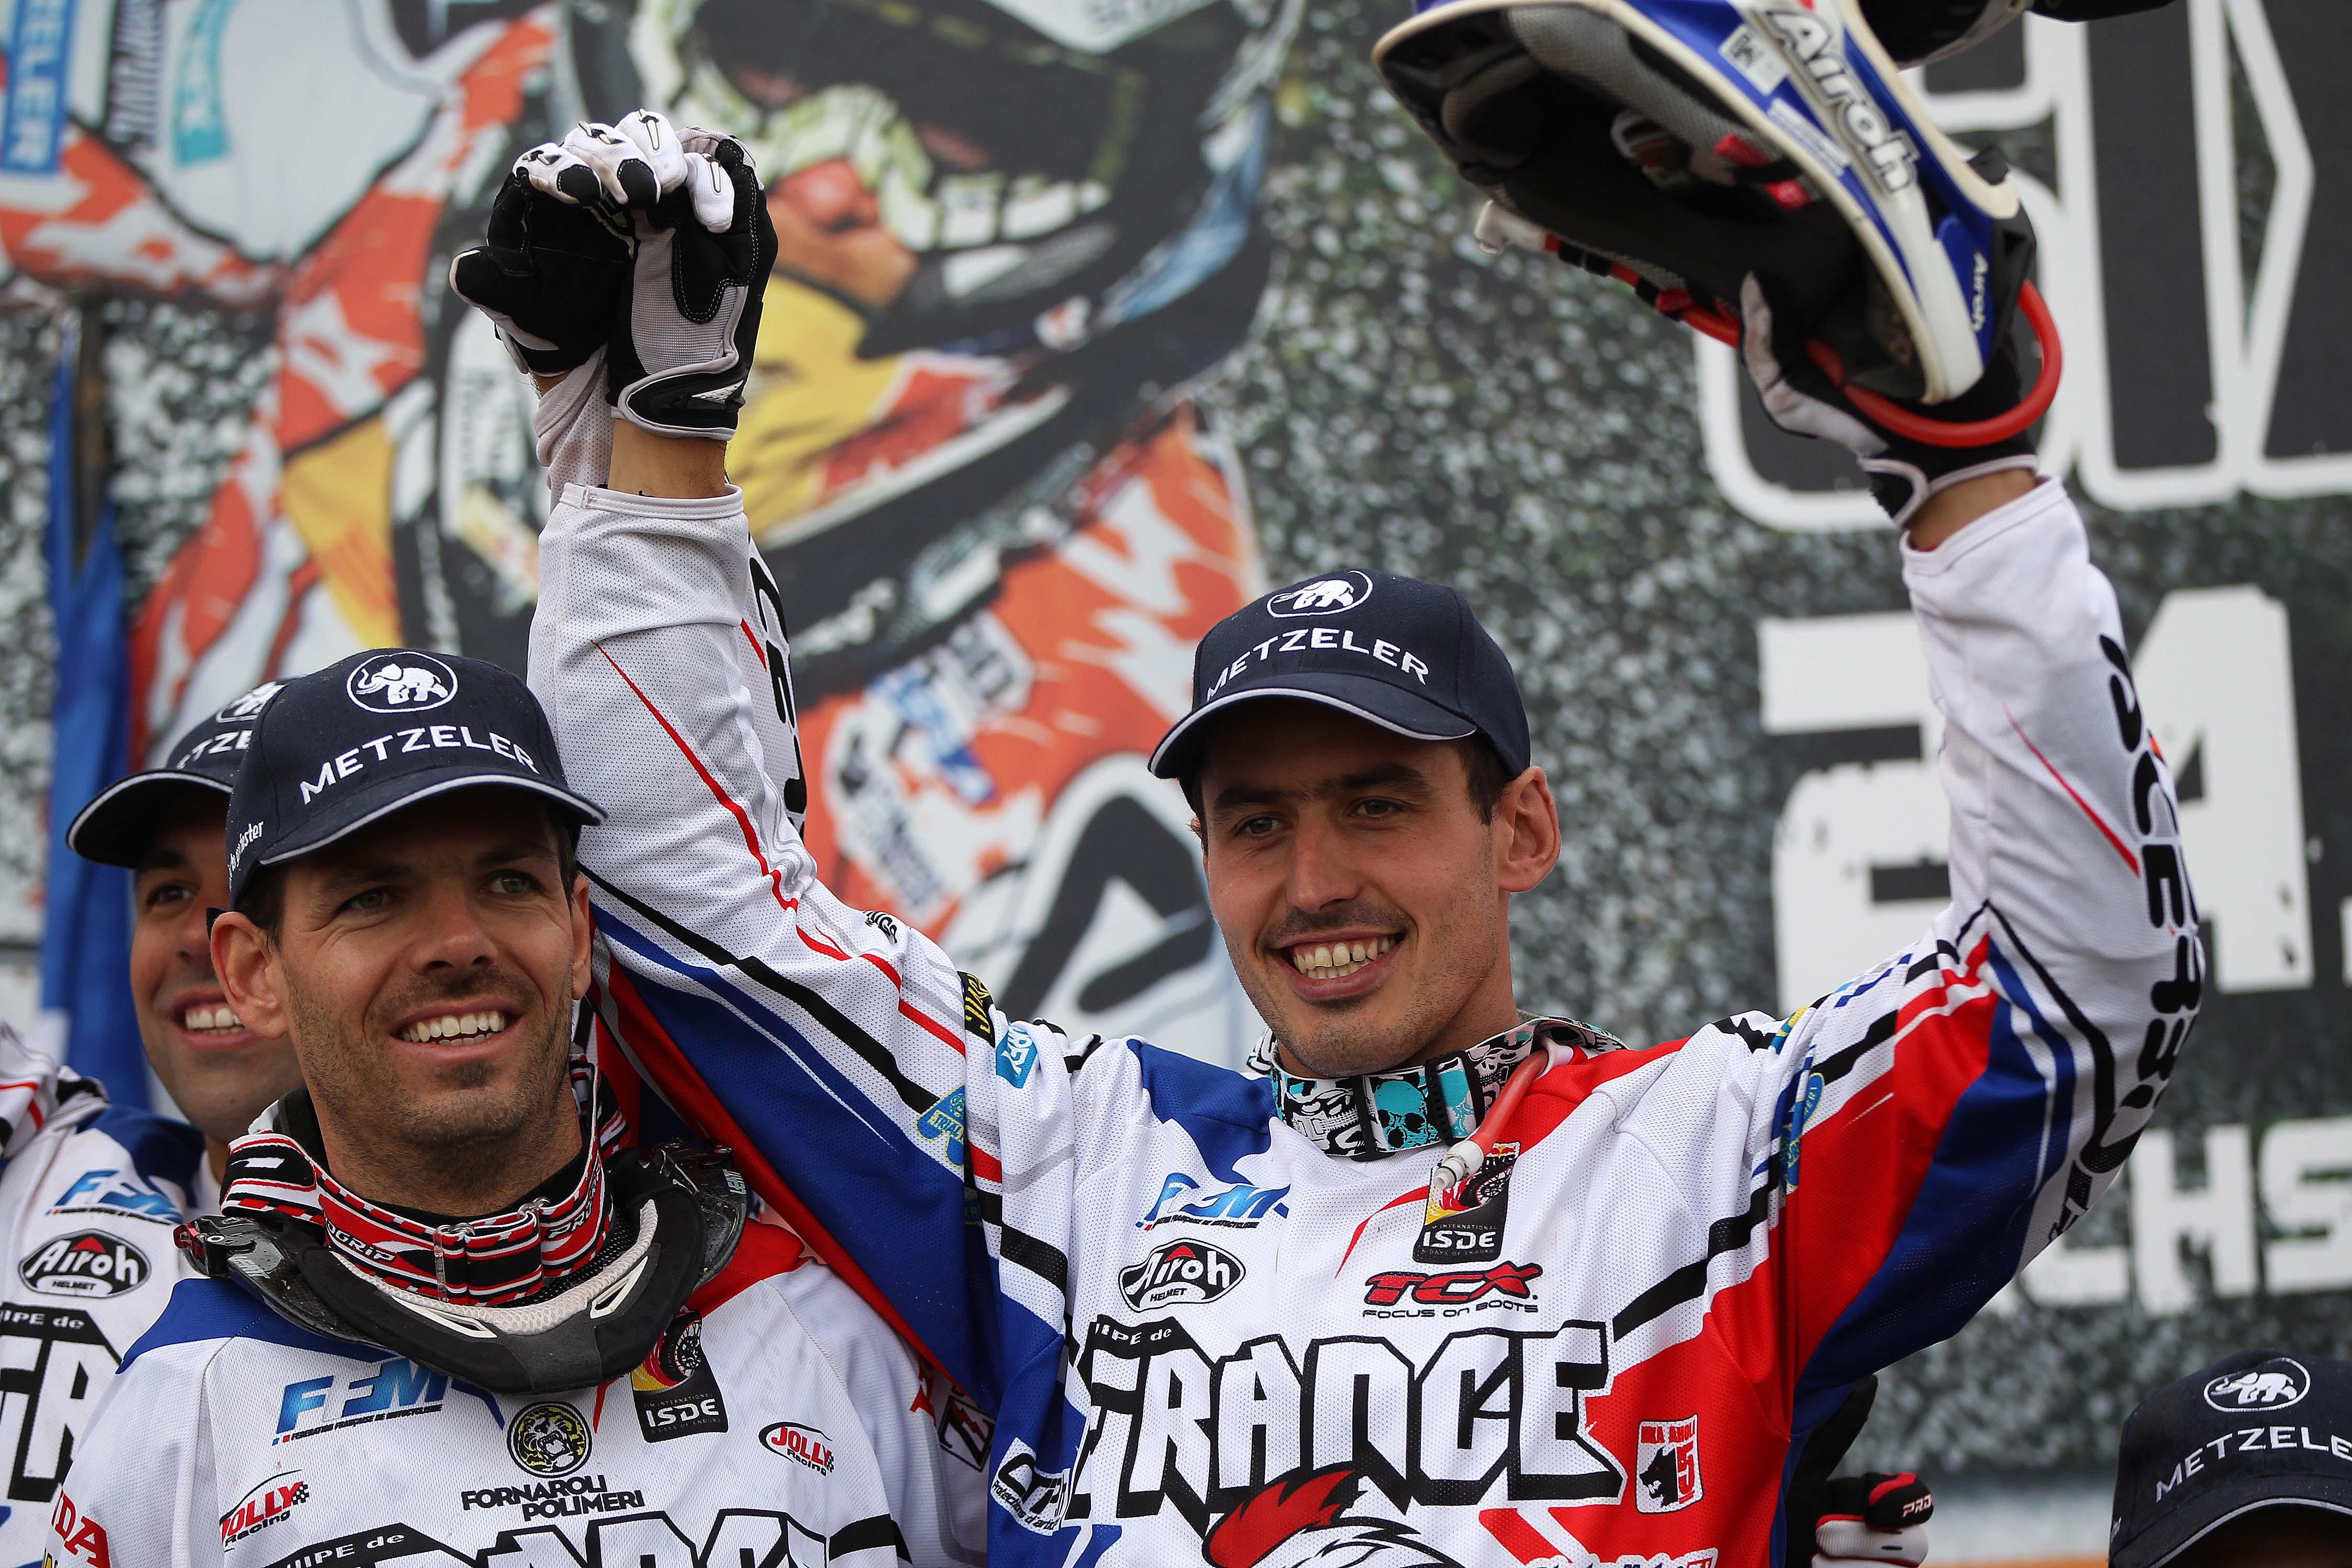 El equipo francés intentará revalidar su título.